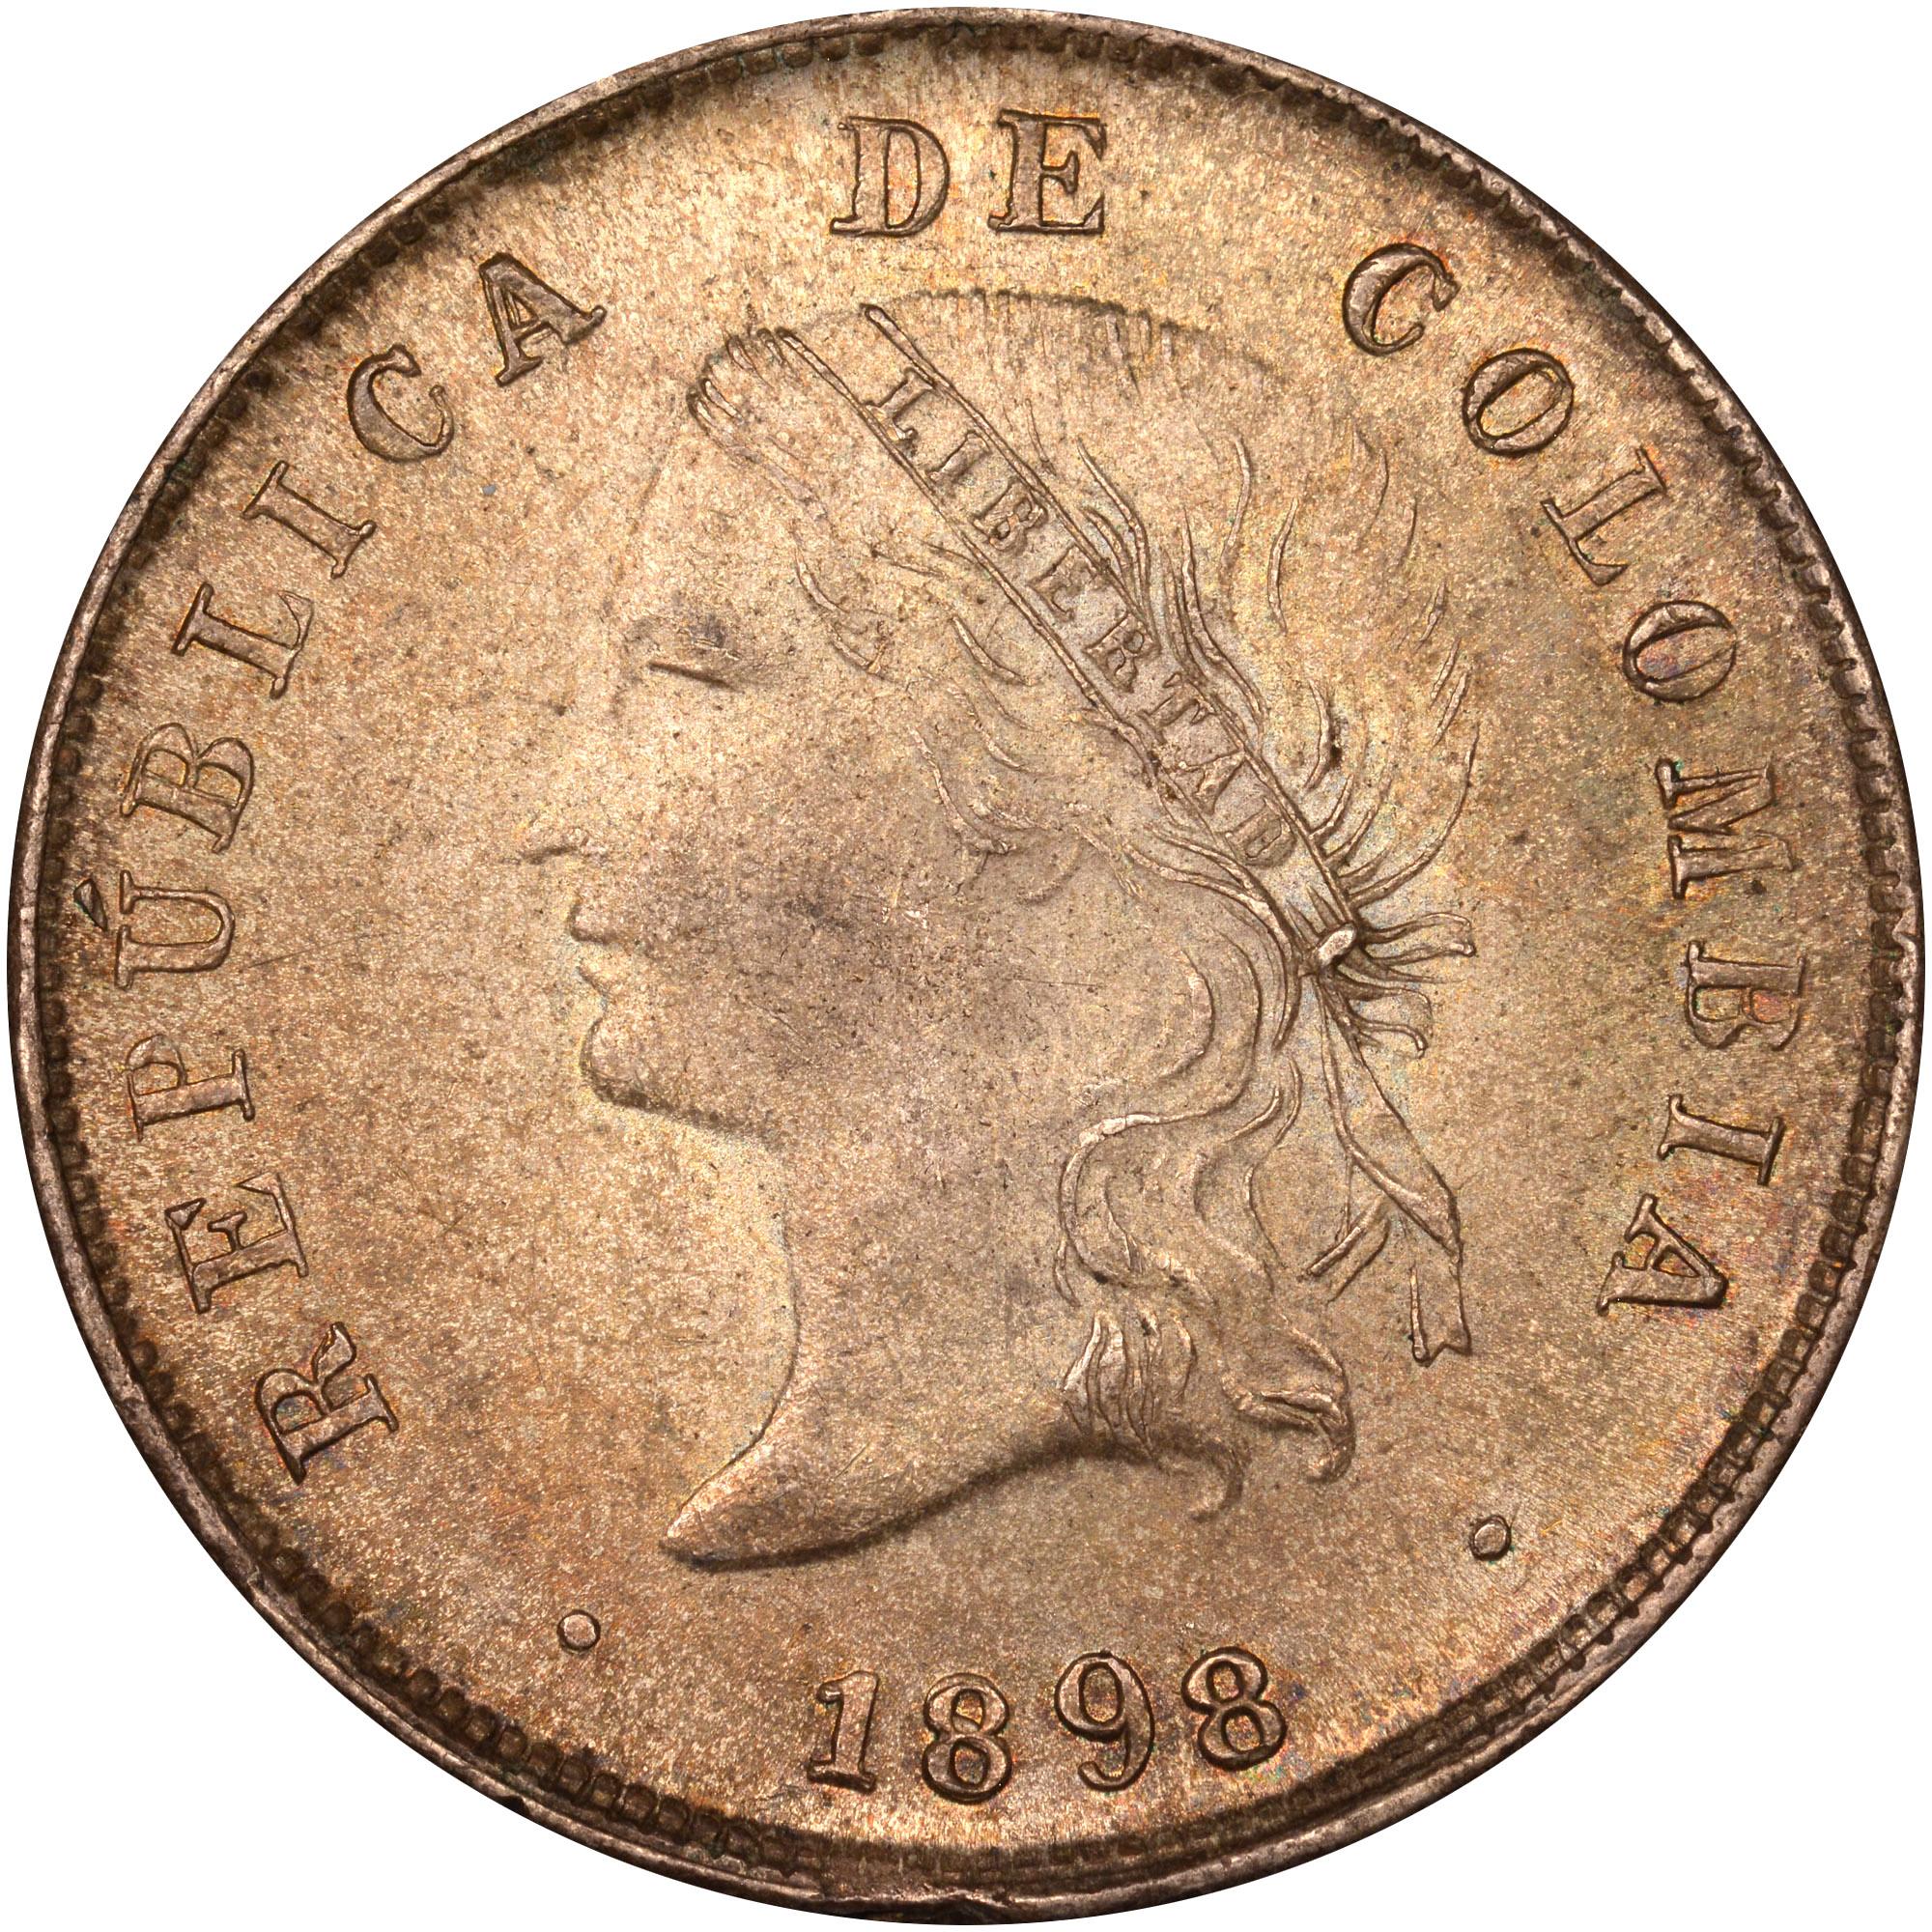 1889-1899 Colombia 50 Centavos obverse